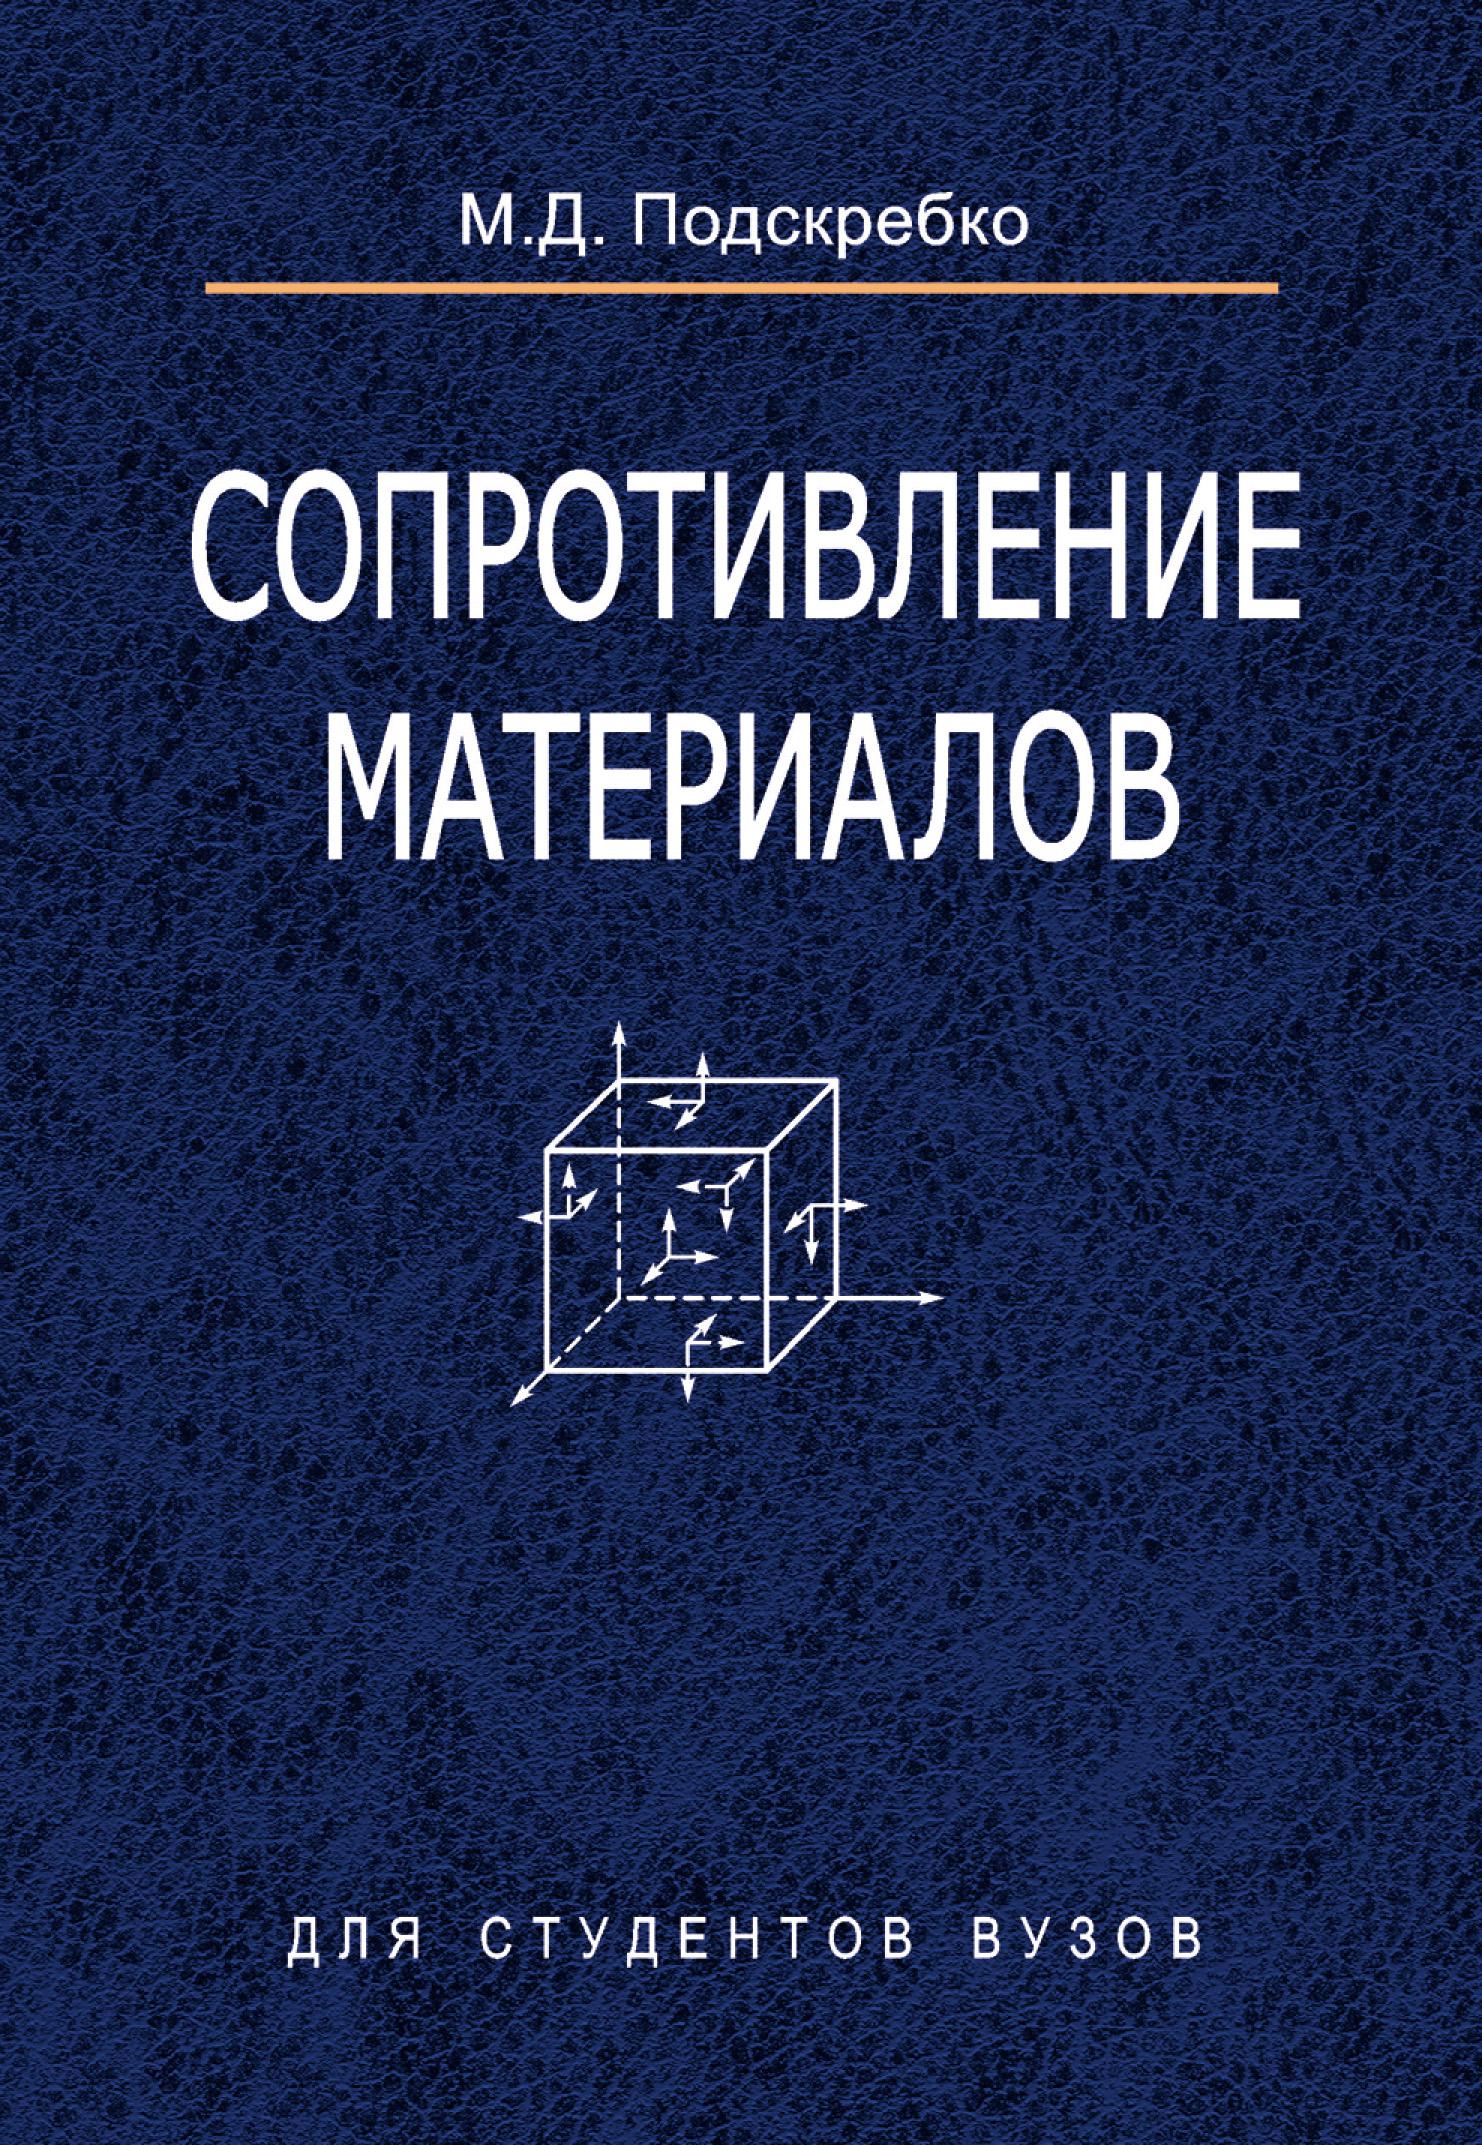 цена М. Д. Подскребко Сопротивление материалов